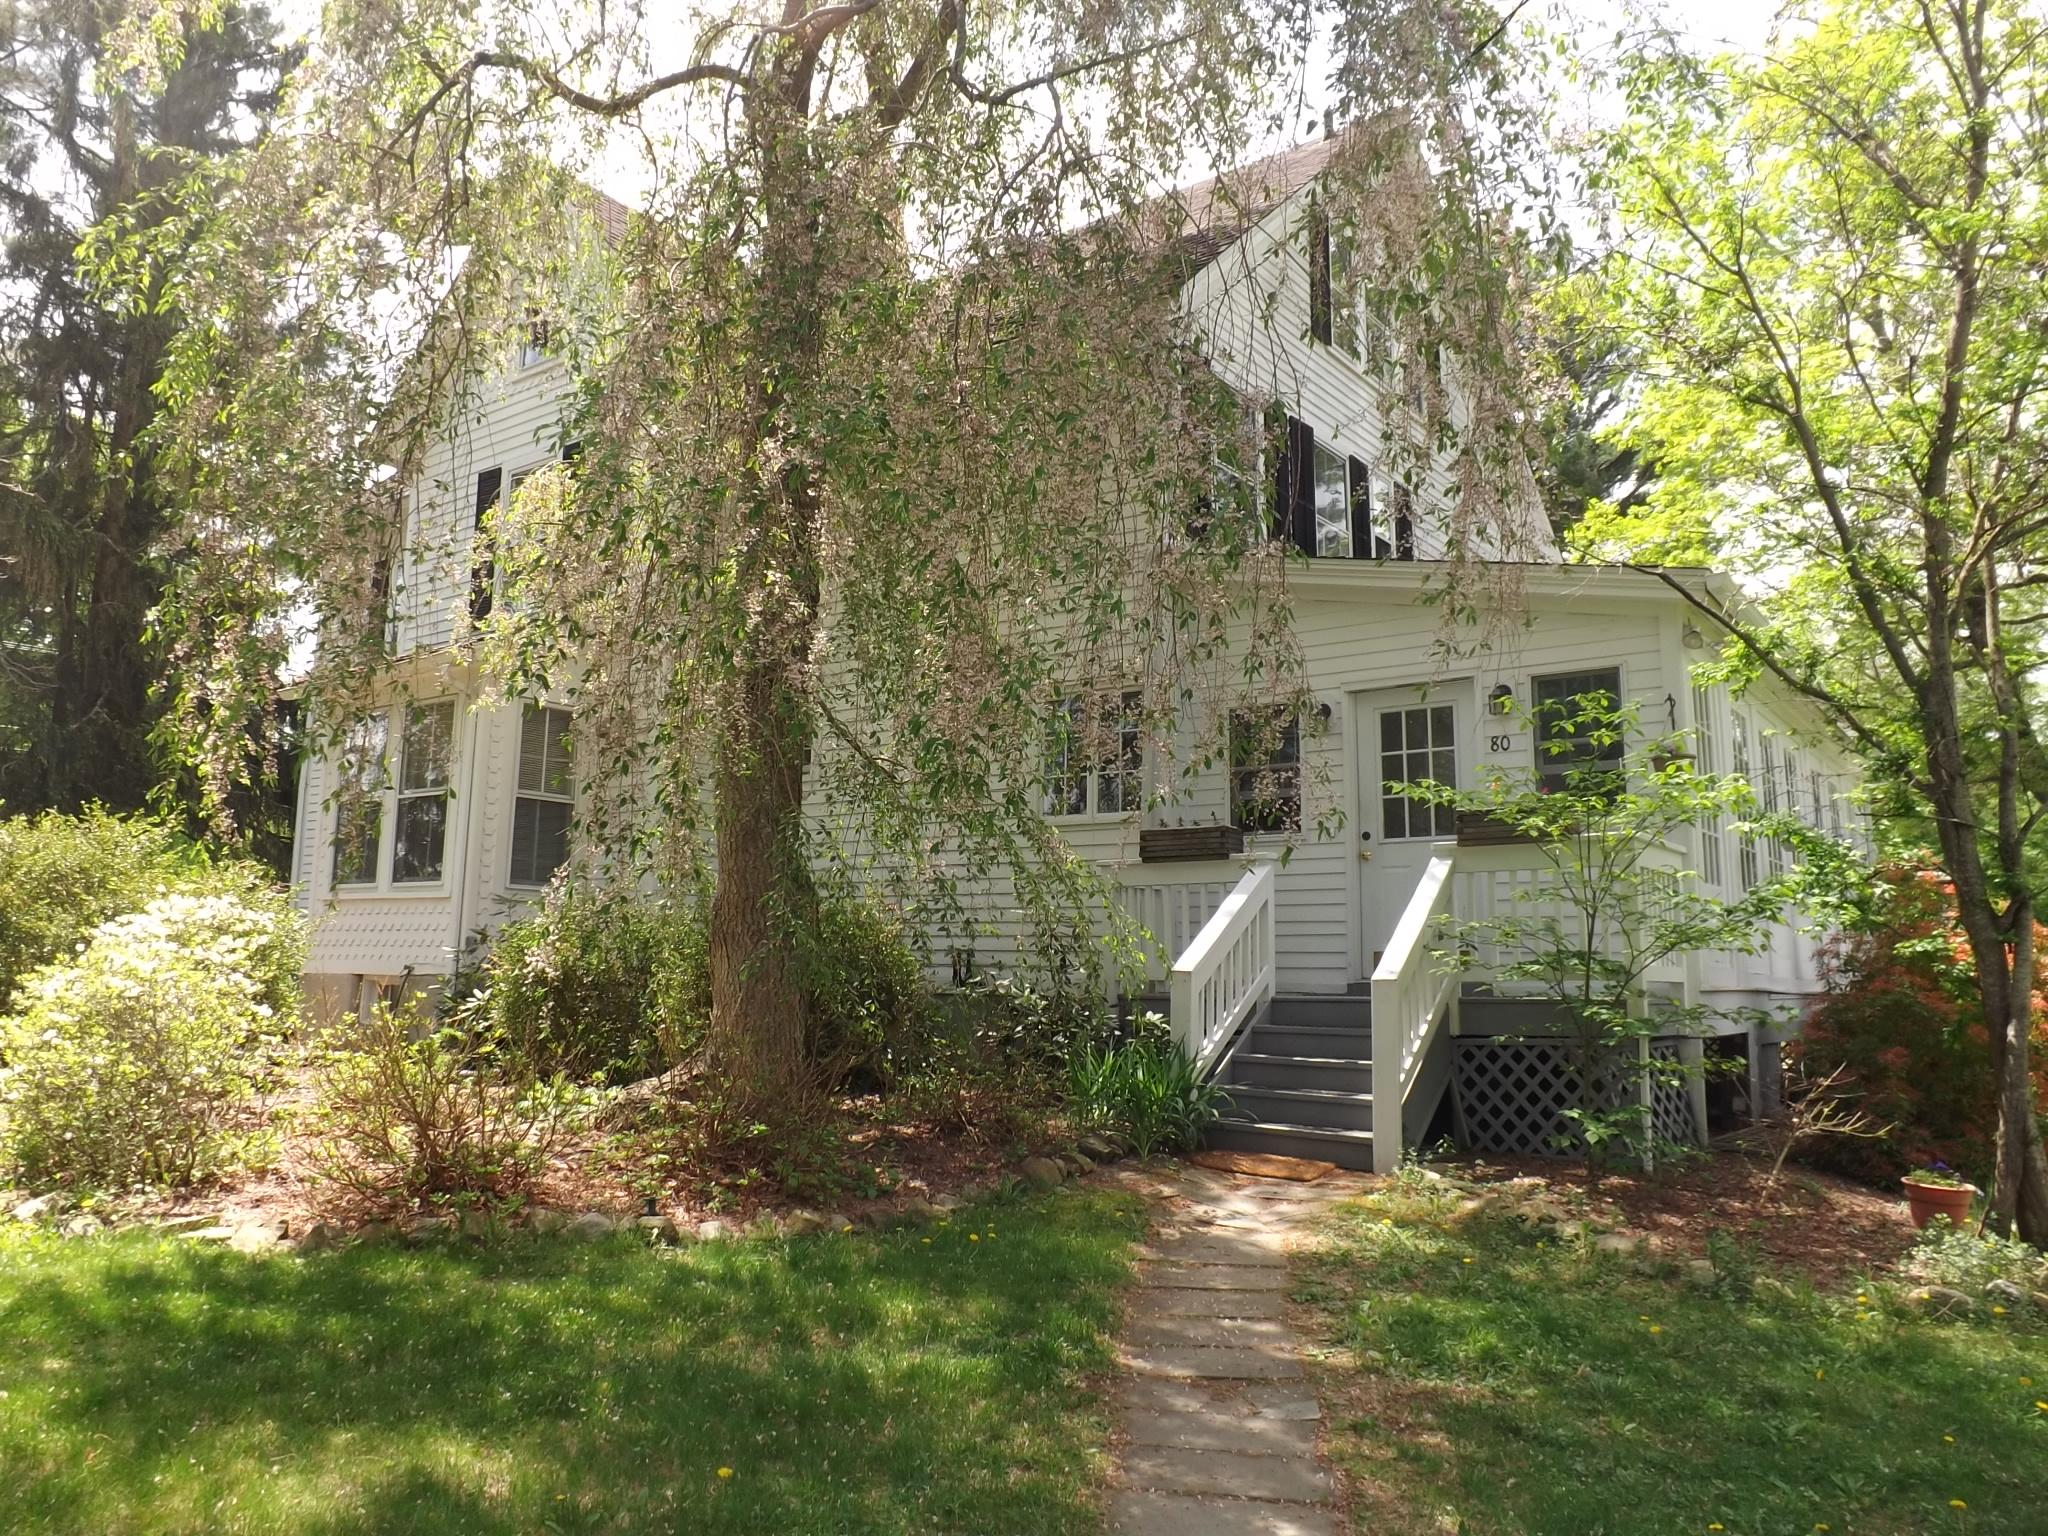 Частный односемейный дом для того Продажа на Antique Colonial 80 Obtuse Hill Road Brookfield, Коннектикут 06804 Соединенные Штаты